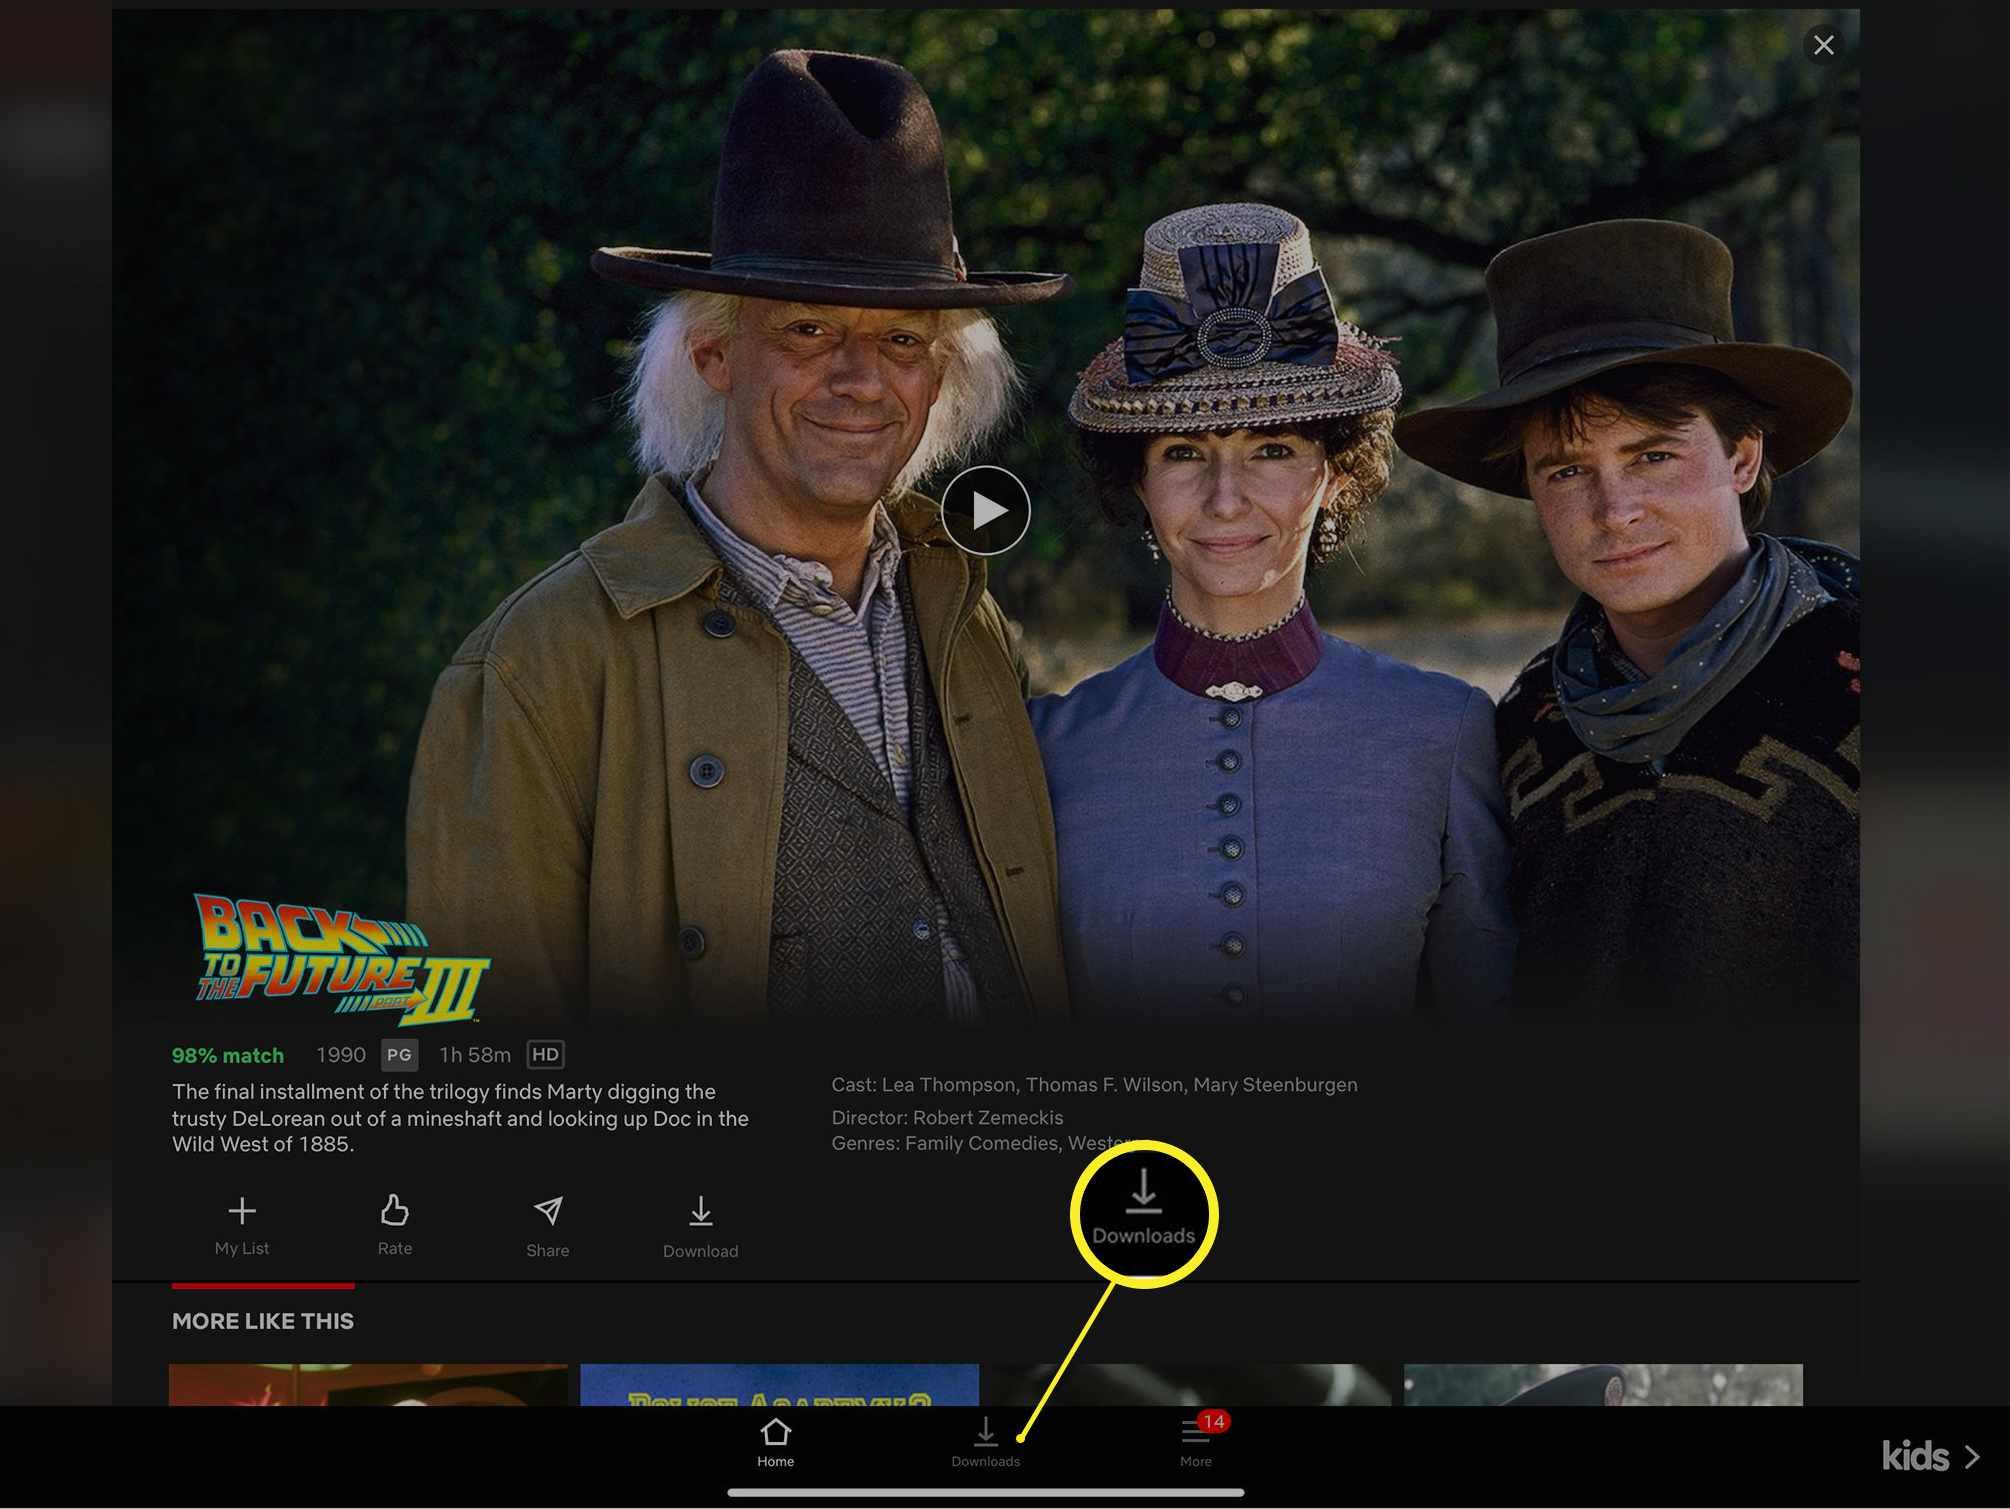 Netflix downloads link